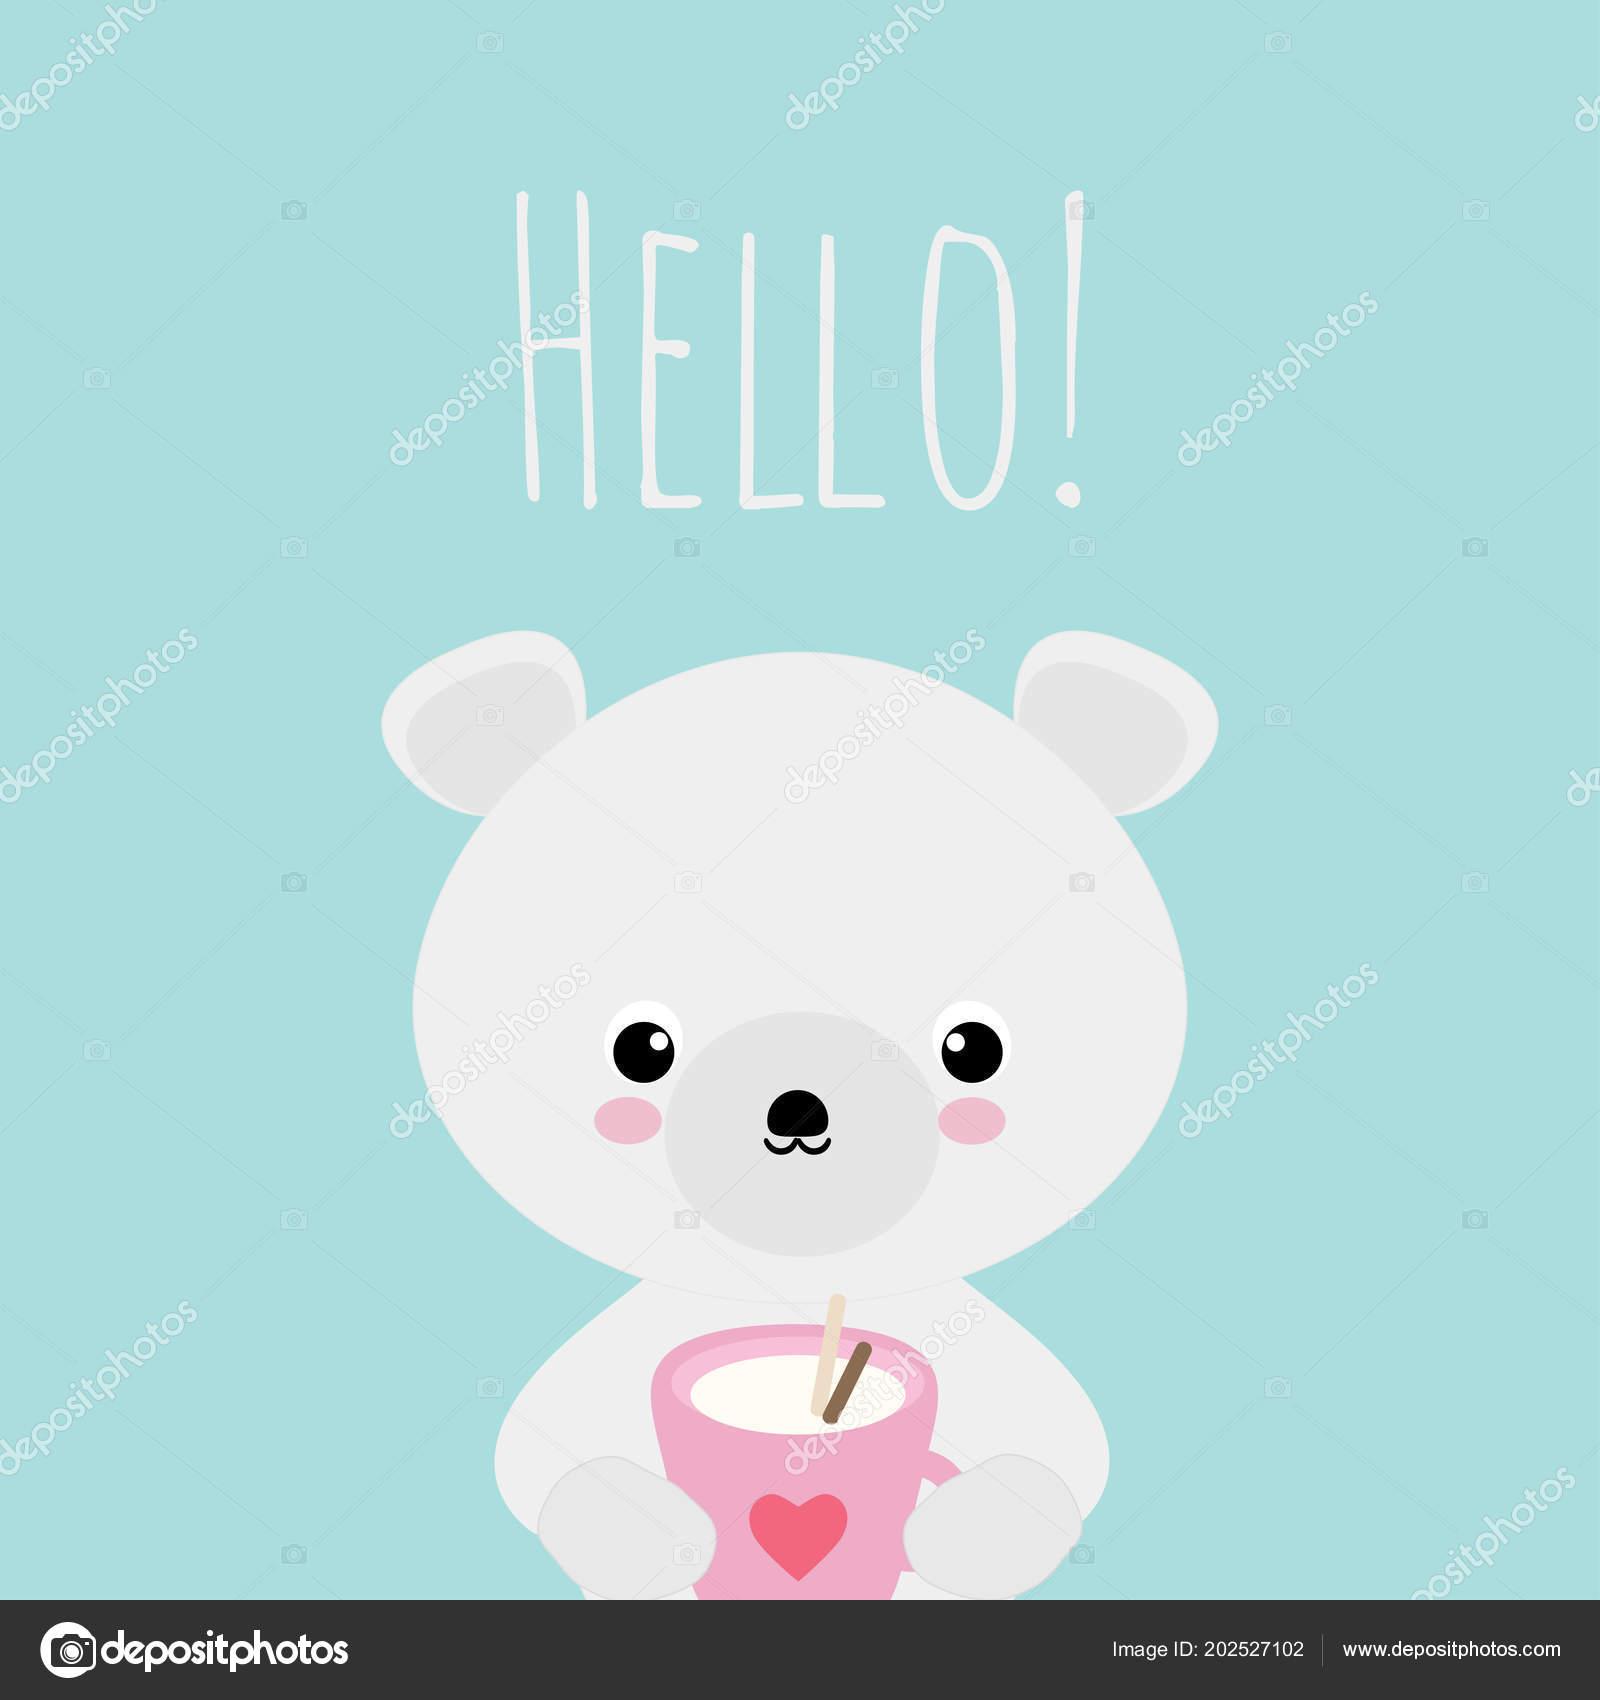 Ilustração Vetorial Com Urso Polar Kawaii Bonito Copo Bebida Quente